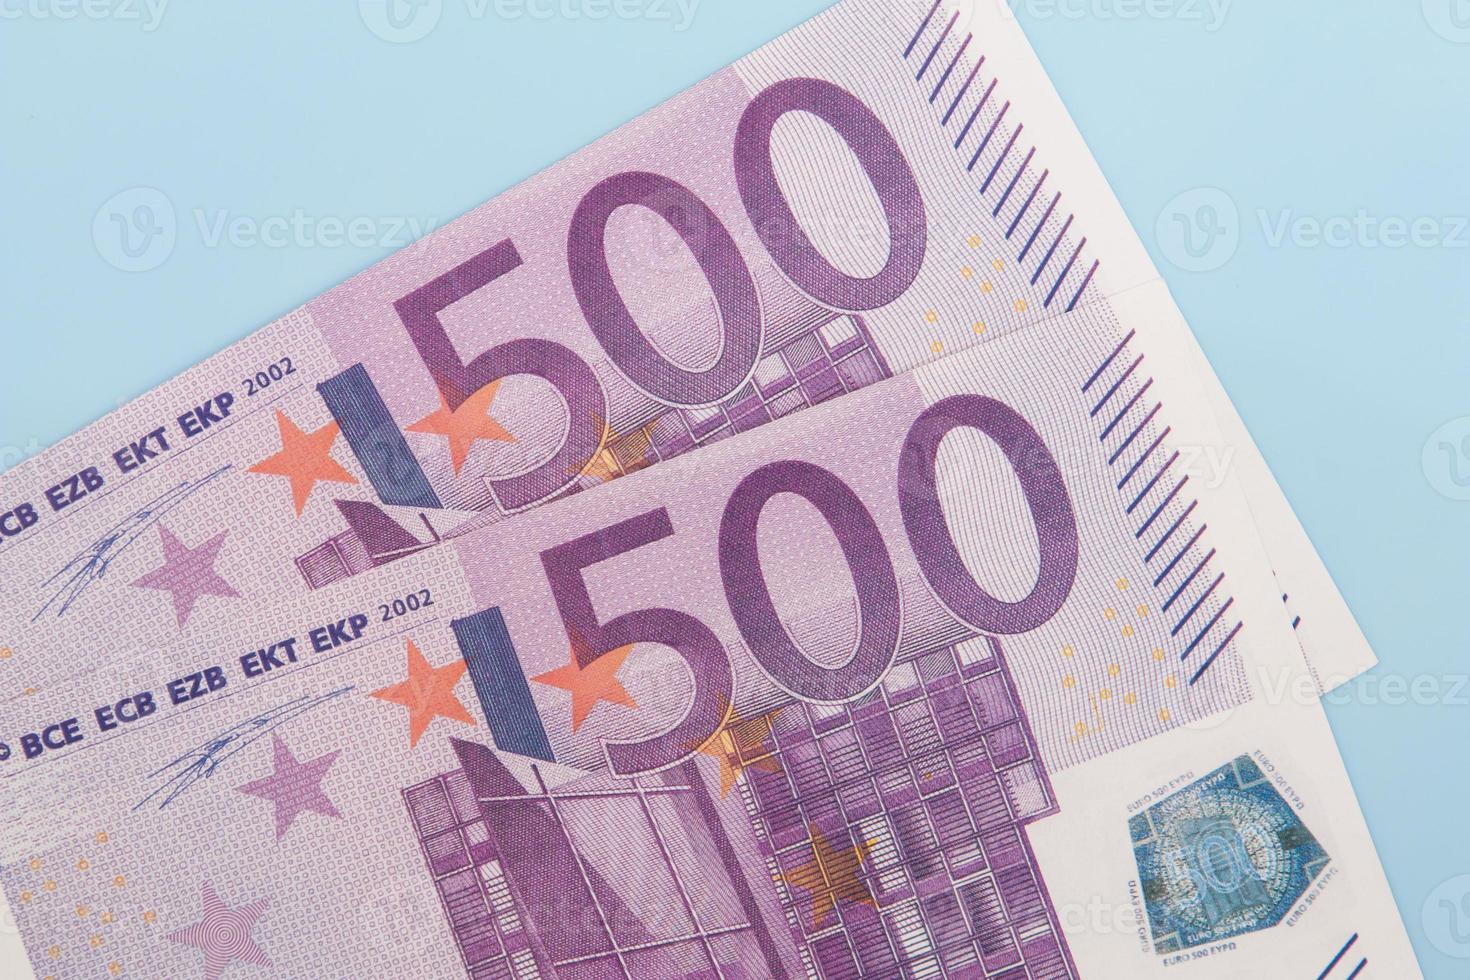 duas notas de 500 euros foto